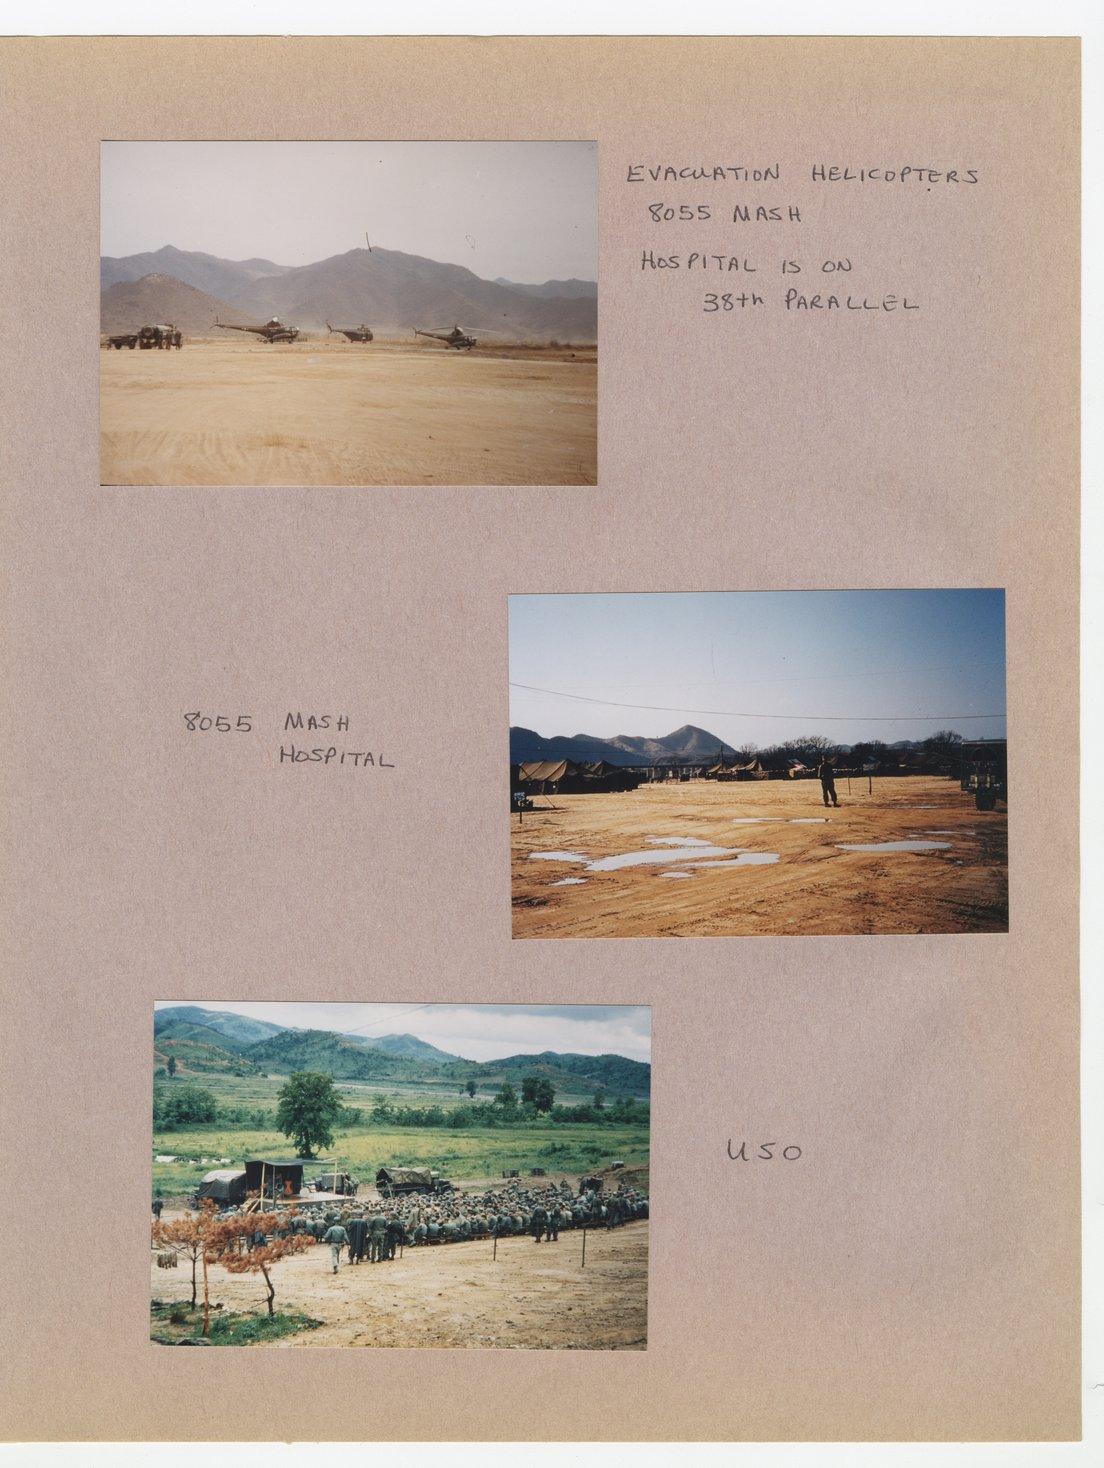 William Thomas West's Korean War photograph album - 9